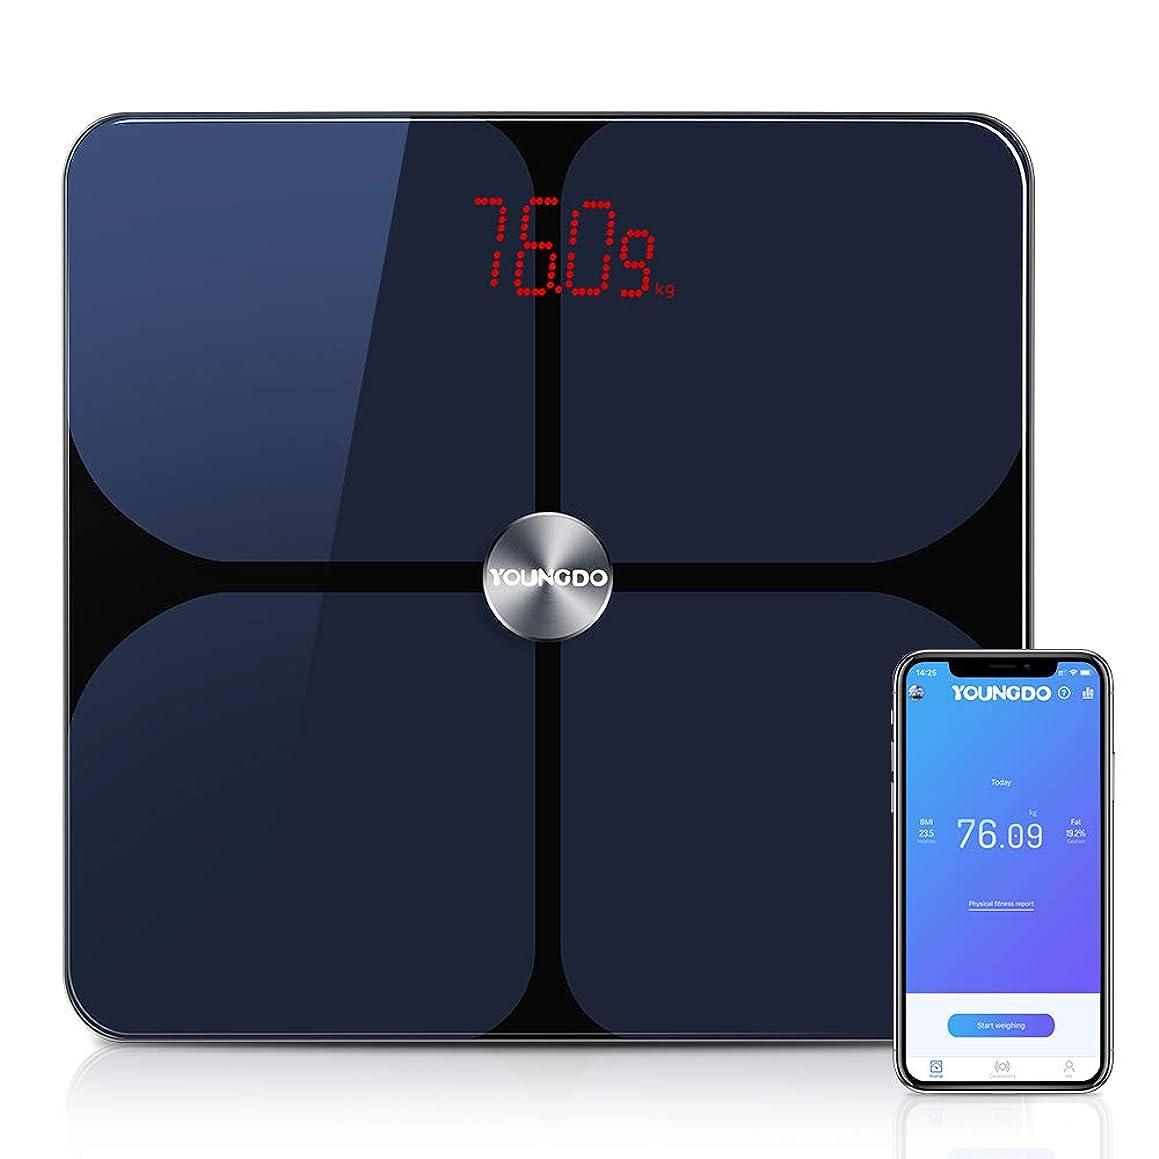 なぜならスリット断線YOUNGDO 体重計 体脂肪計 体組成計 Bluetooth スマホ連動 23種類測定可能 体重/体脂肪率/体水分率/推定骨量/基礎代謝量/BMIなど スマートスケール iOS/Androidアプリで健康管理?肥満予防 日本語APP対応 ヘルスケア?Fitbit?Google Fitと連携 999ユーザー登録可能